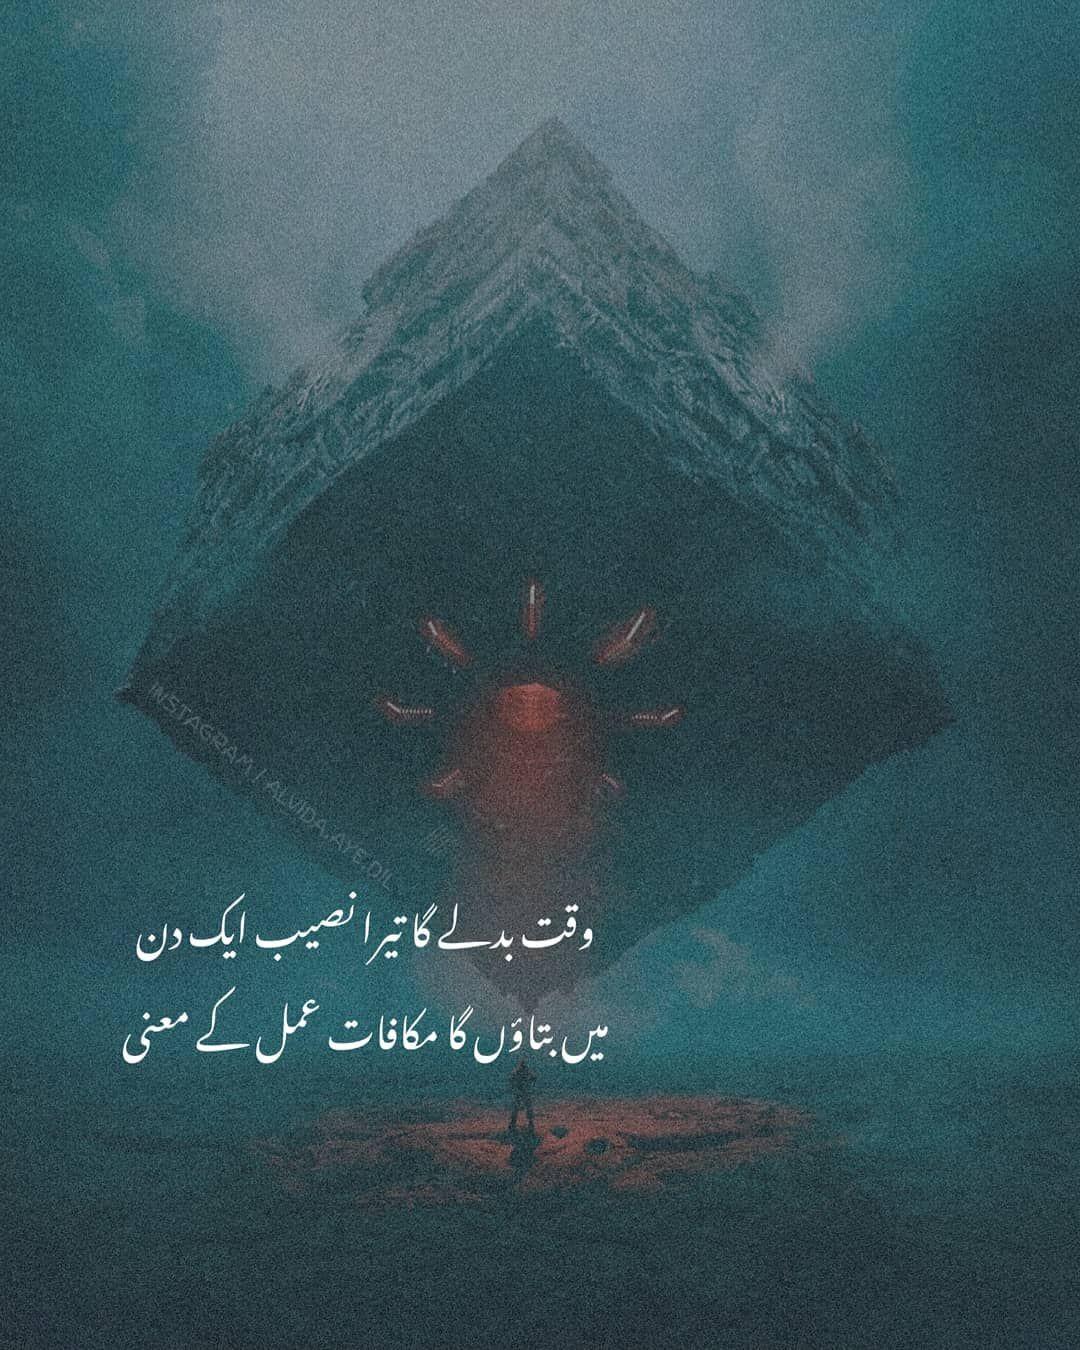 304 Likes 8 Comments اردو شاعری Alvida Aye Dil On Instagram Waqt Badle Ga Tera Naseeb E Urdu Poetry Romantic Best Urdu Poetry Images Poetry Feelings